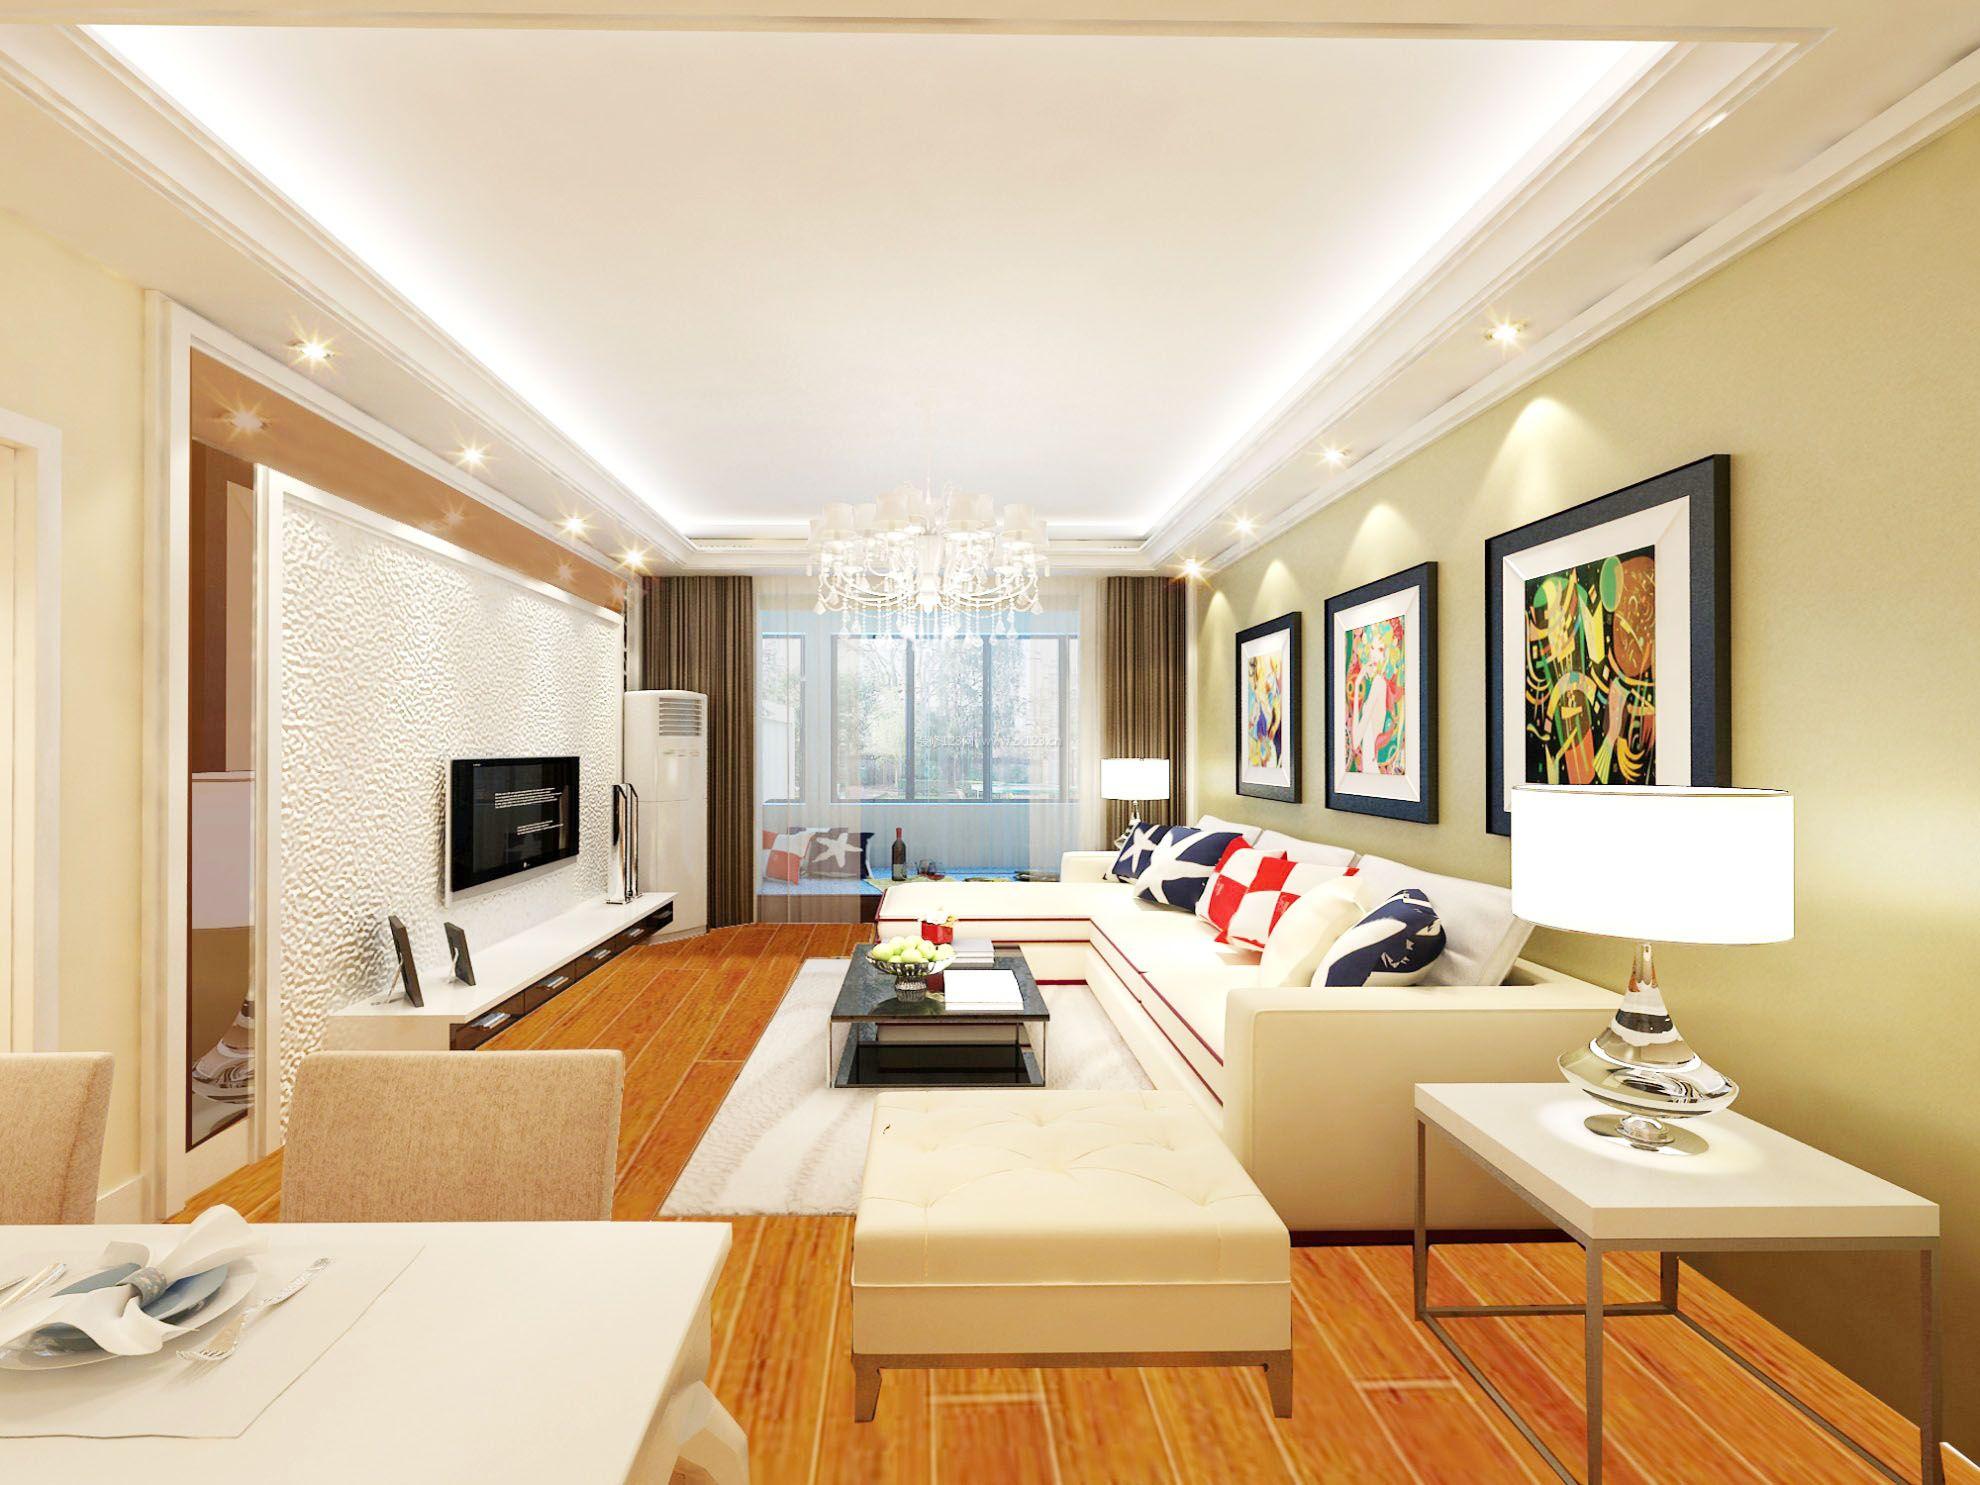 室内硅藻泥电视背景墙装修效果图大全